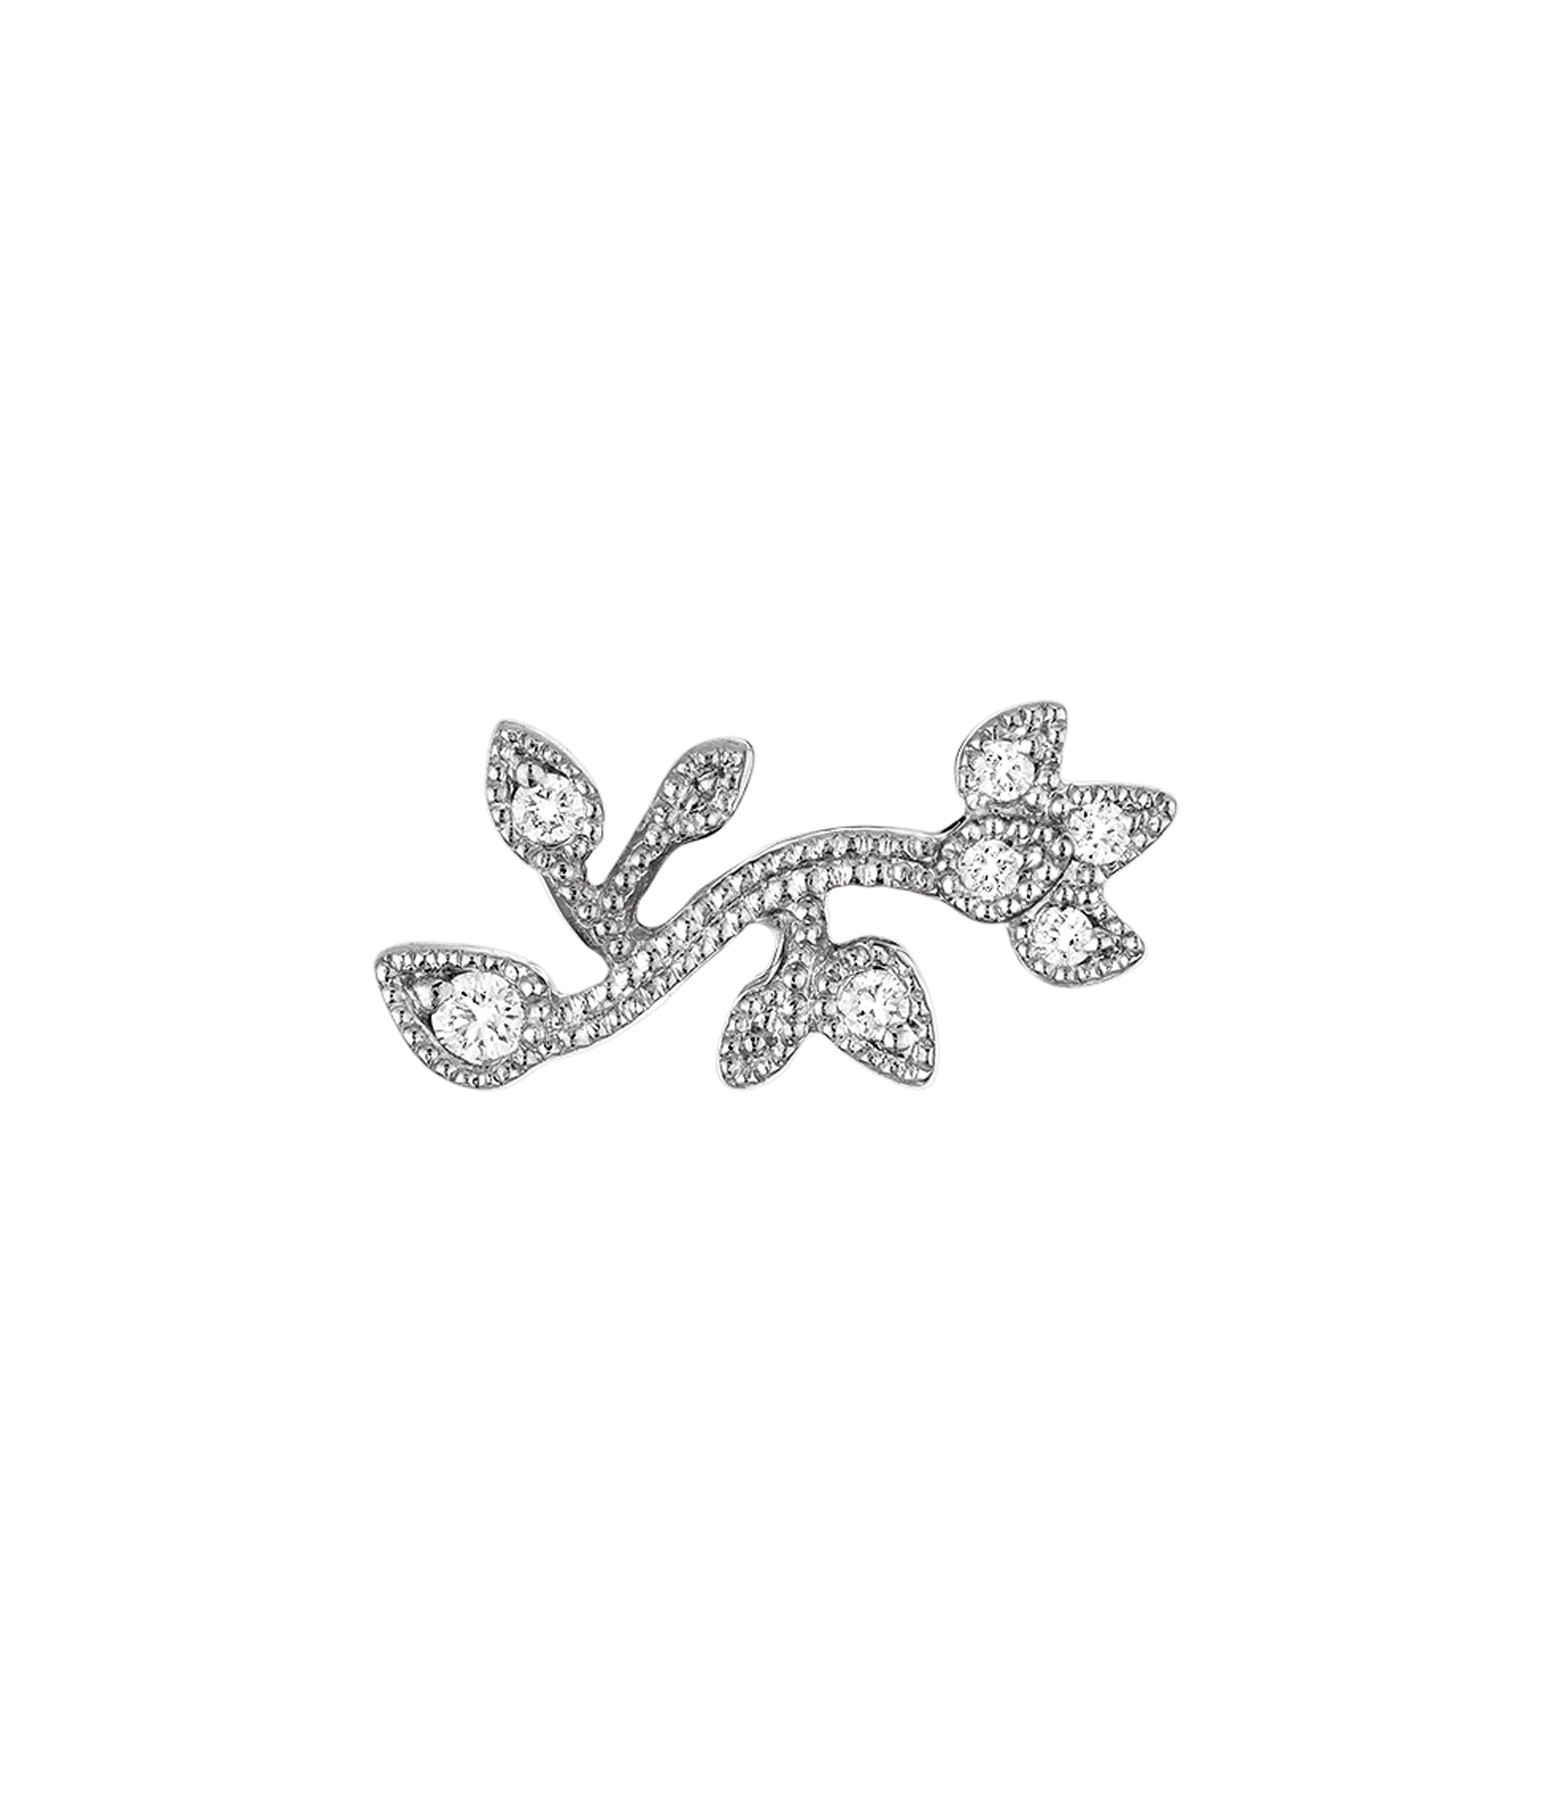 STONE PARIS - BO Bouton Cherry Blossom Diamants (vendue à l'unité)